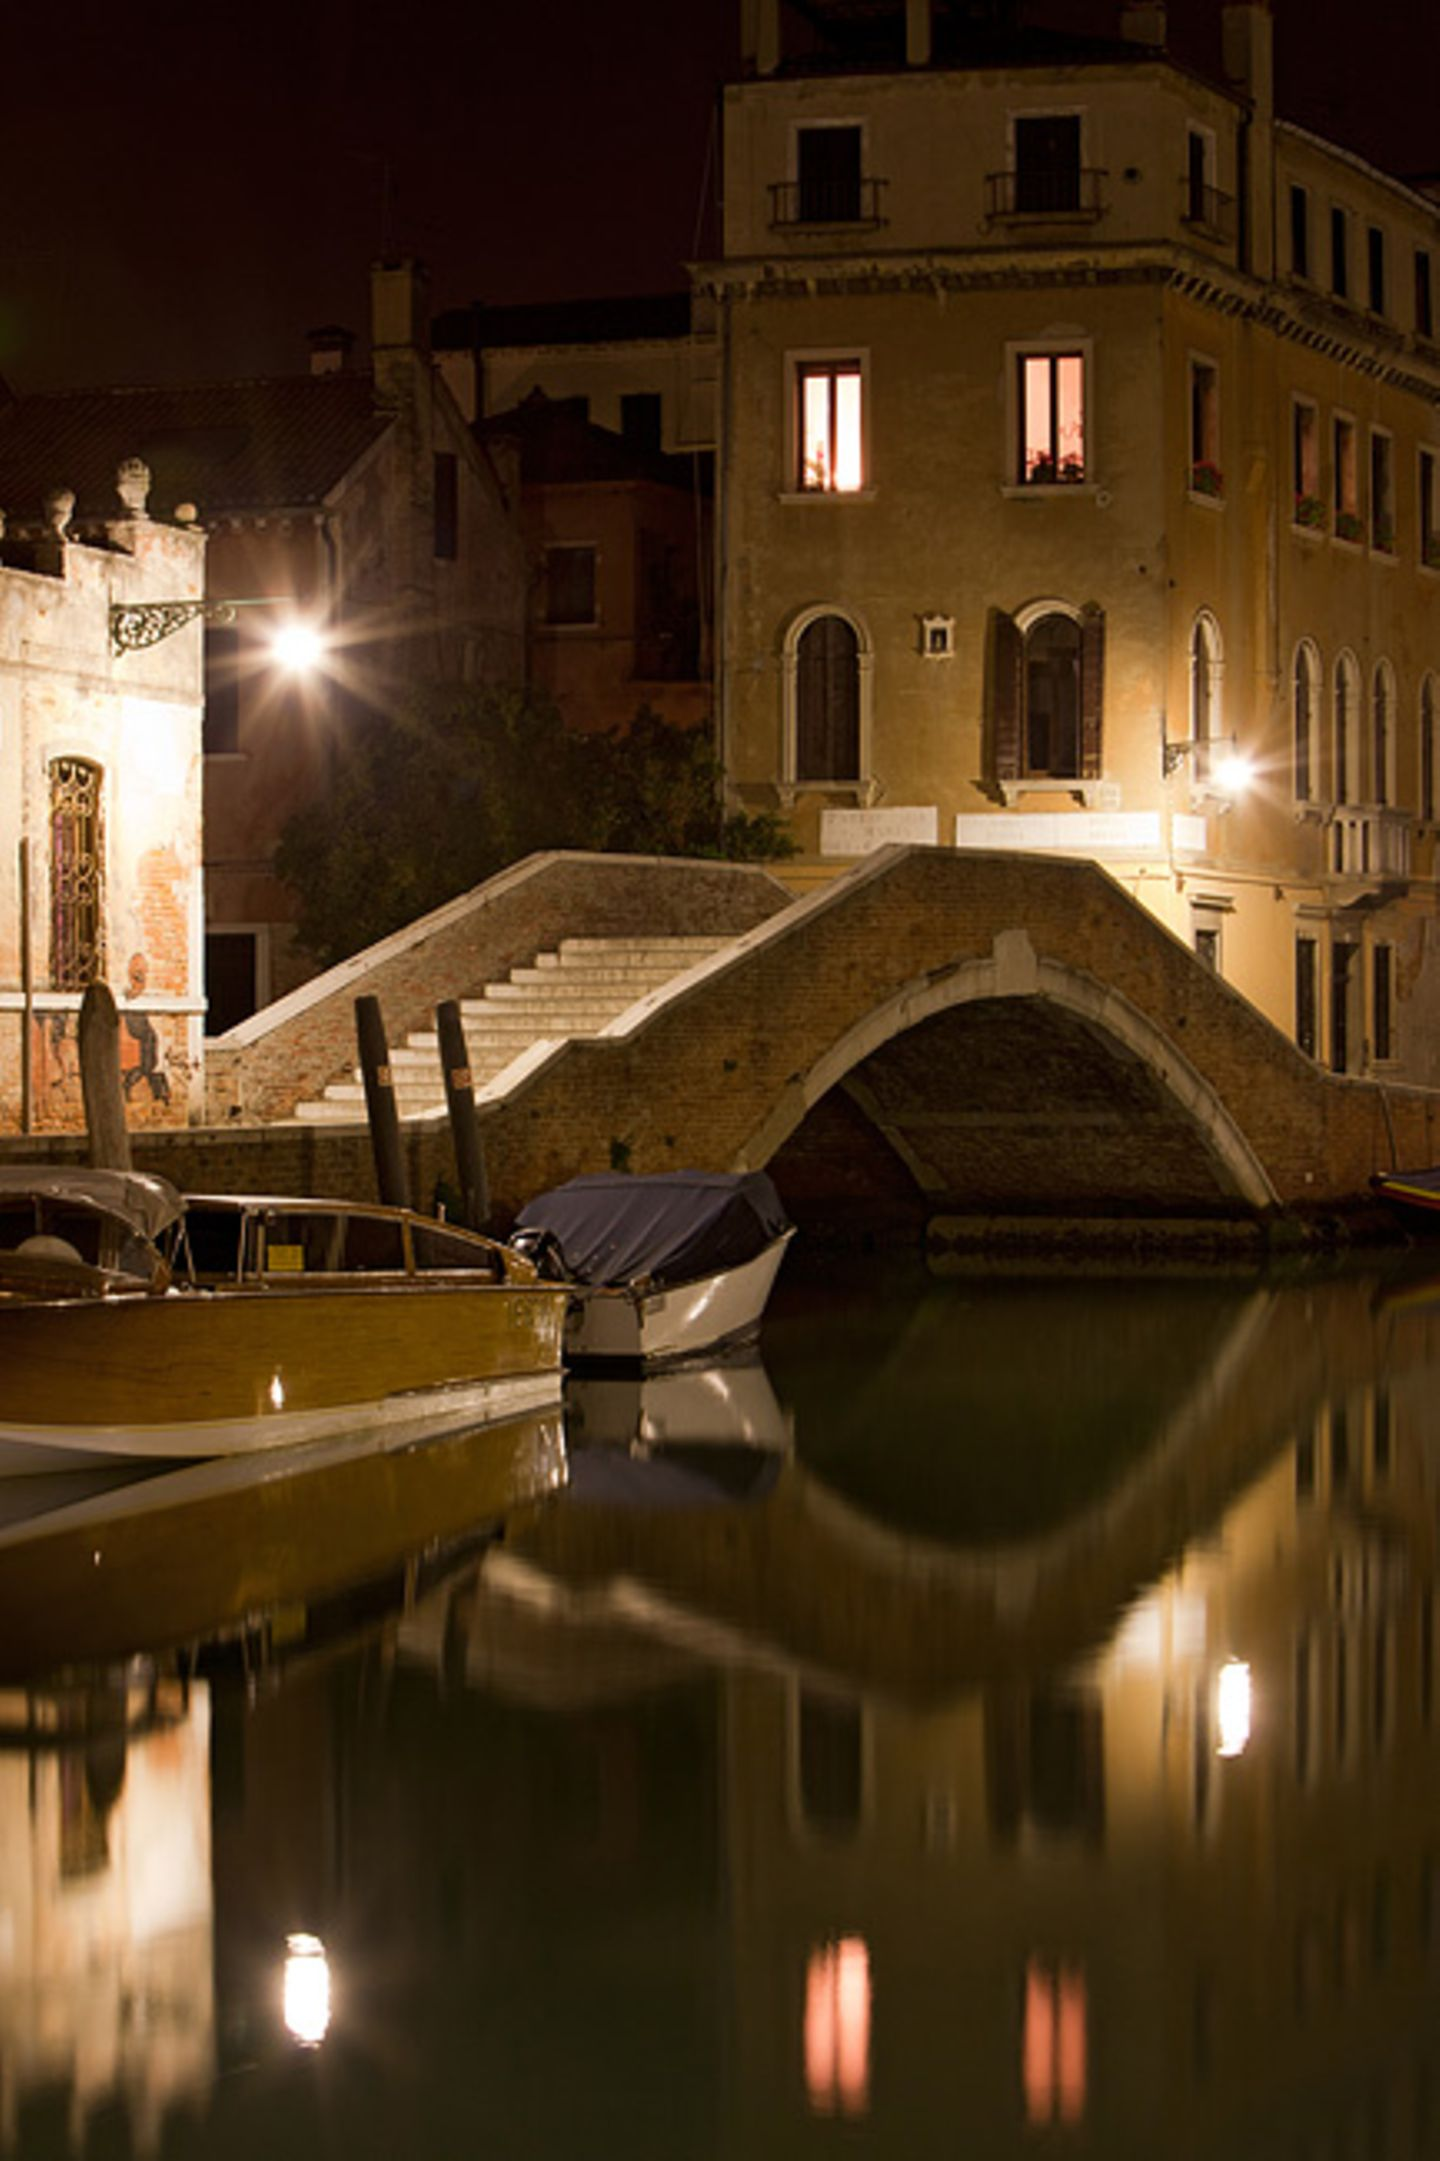 Fotogalerie: Einfach nur Venedig - Bild 6